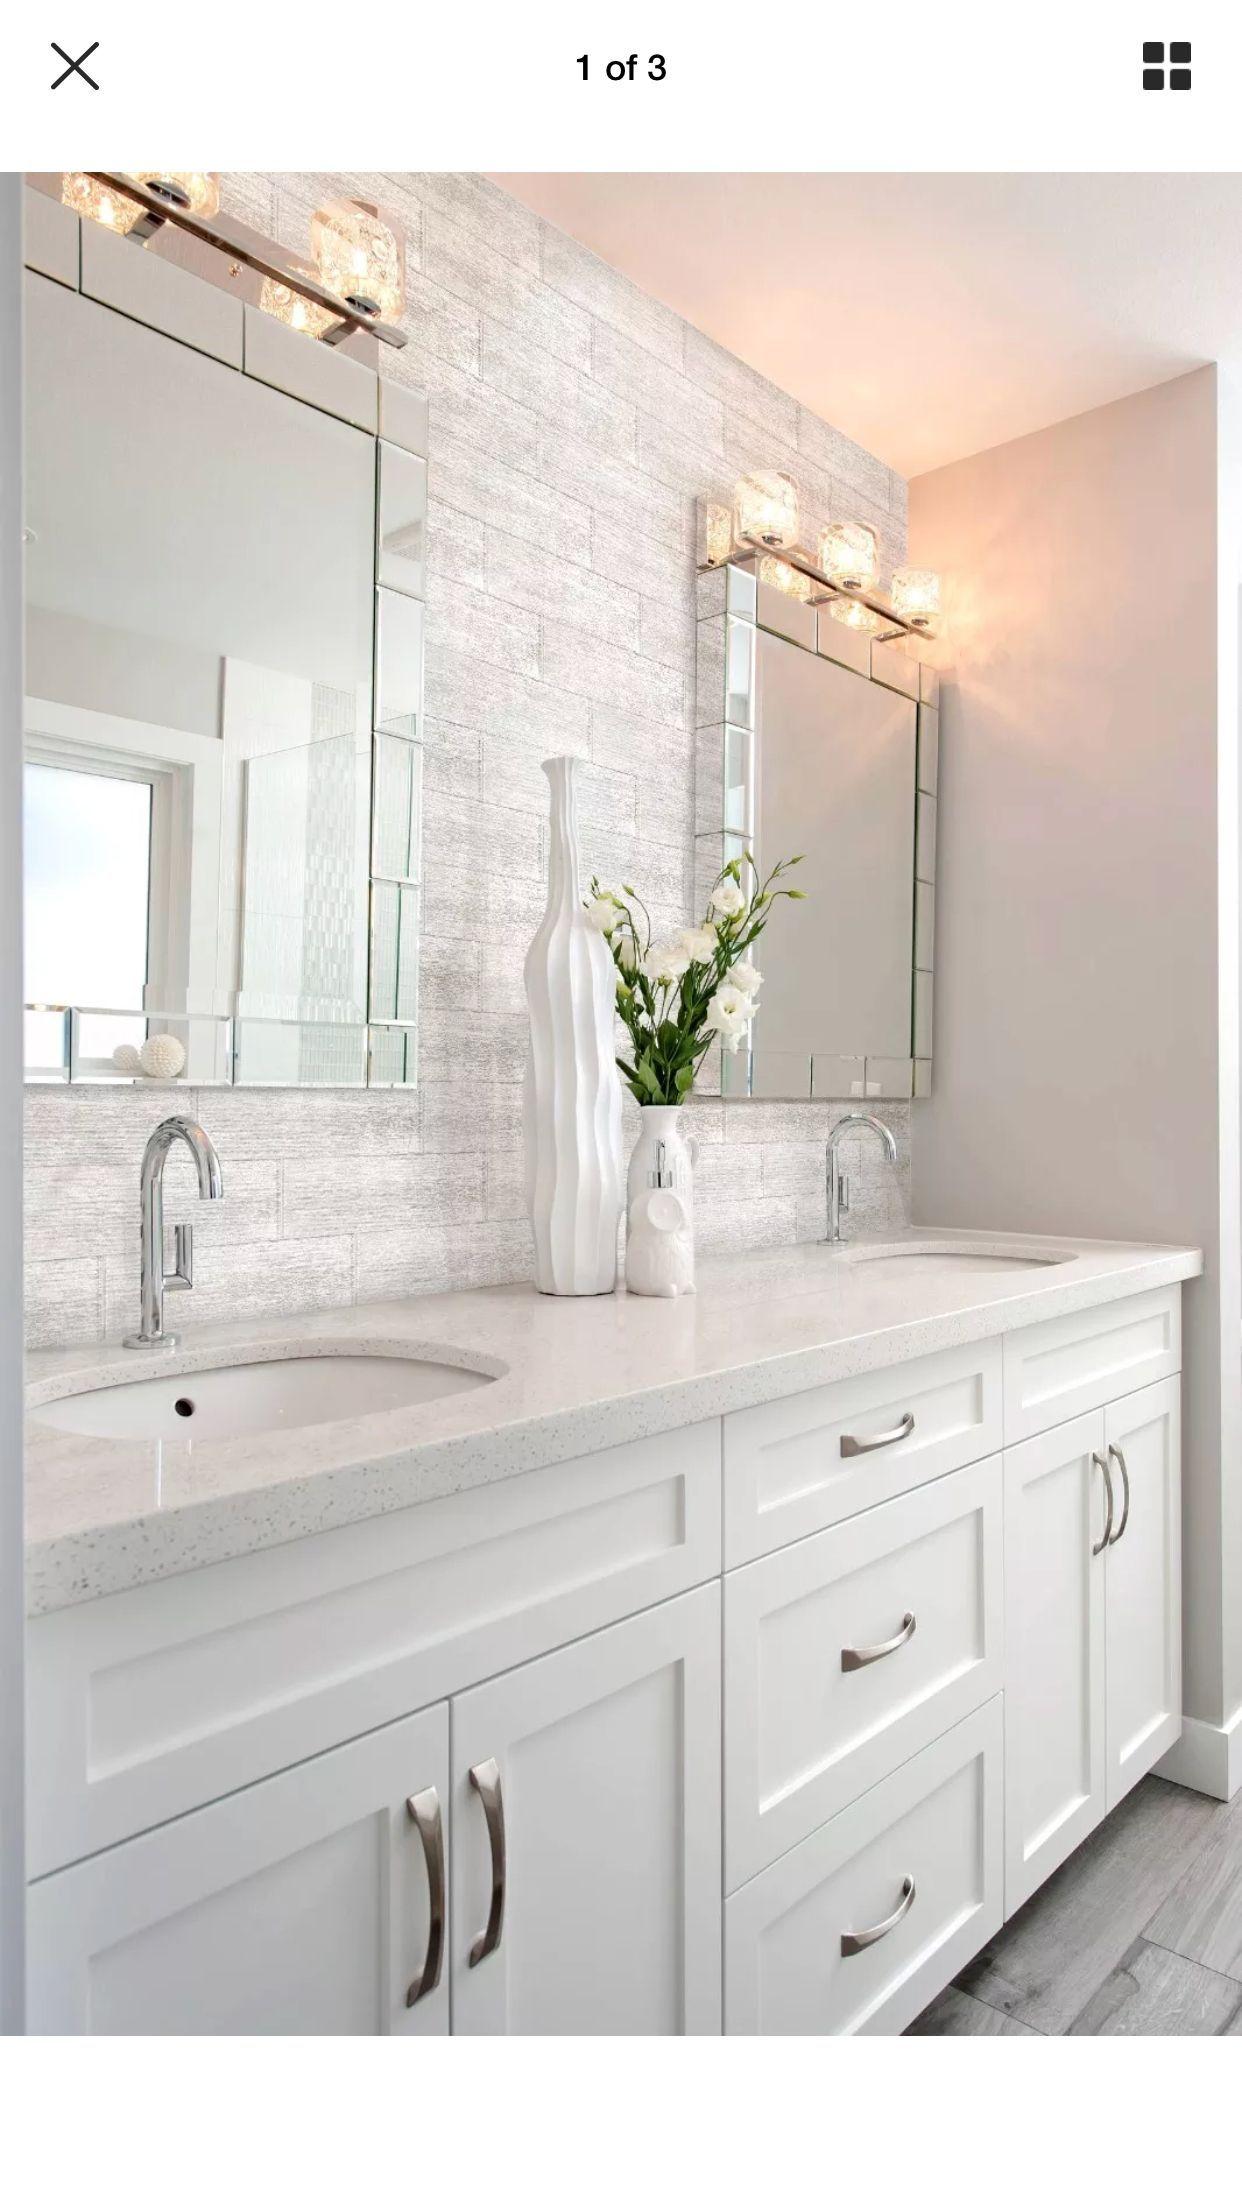 Top 10 Double Bathroom Vanity Design Ideas In 2019 Double Vanity